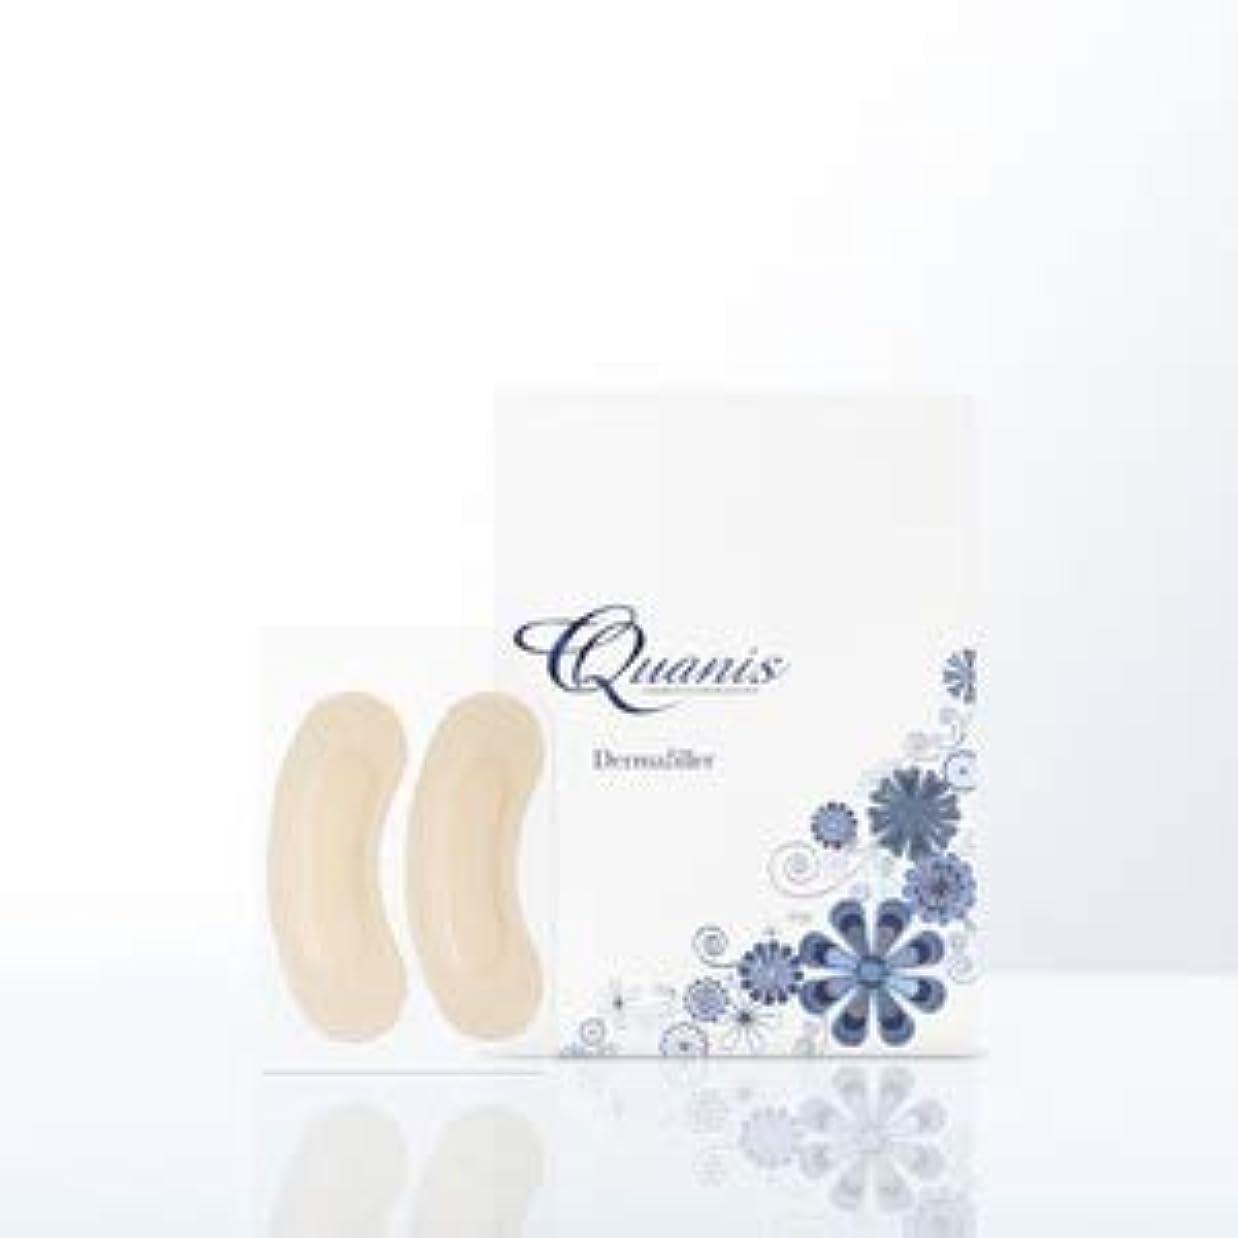 ハード肉腫食欲製薬会社が開発 クオニス ダーマフィラー 4セット入り マイクロニードルで肌に直接ヒアルロン酸注入